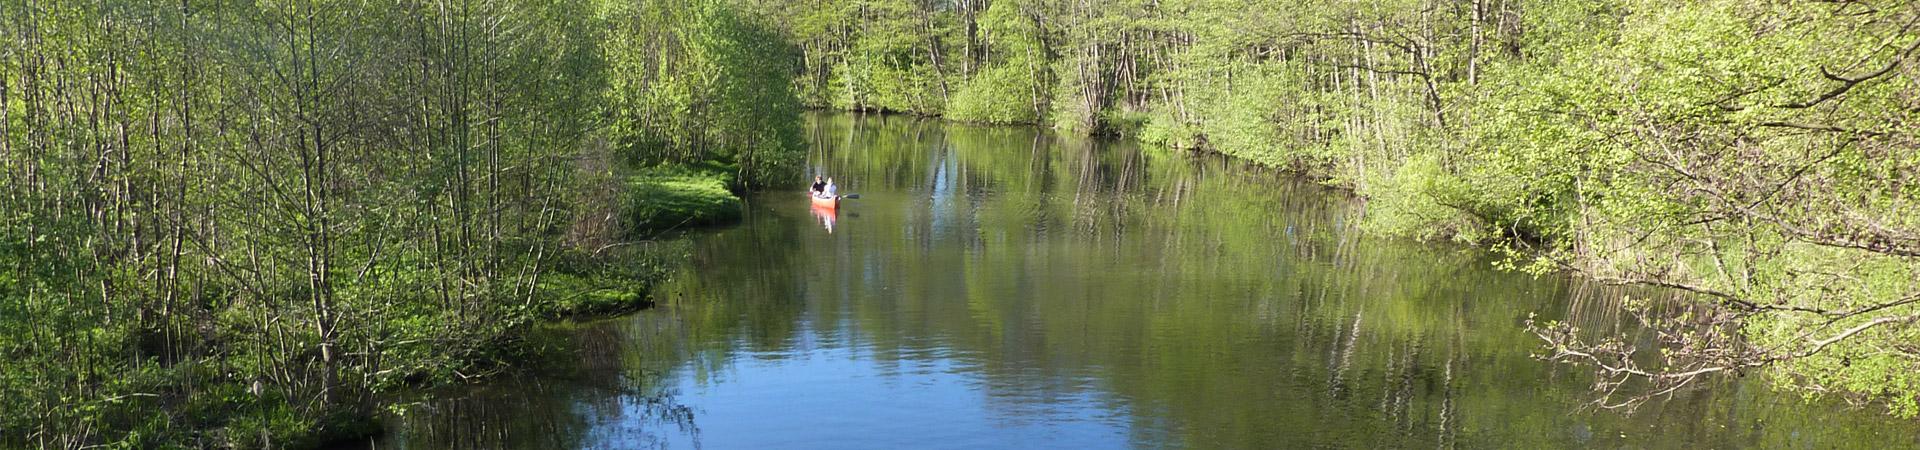 Wakenitz, Amazonas des Nordens